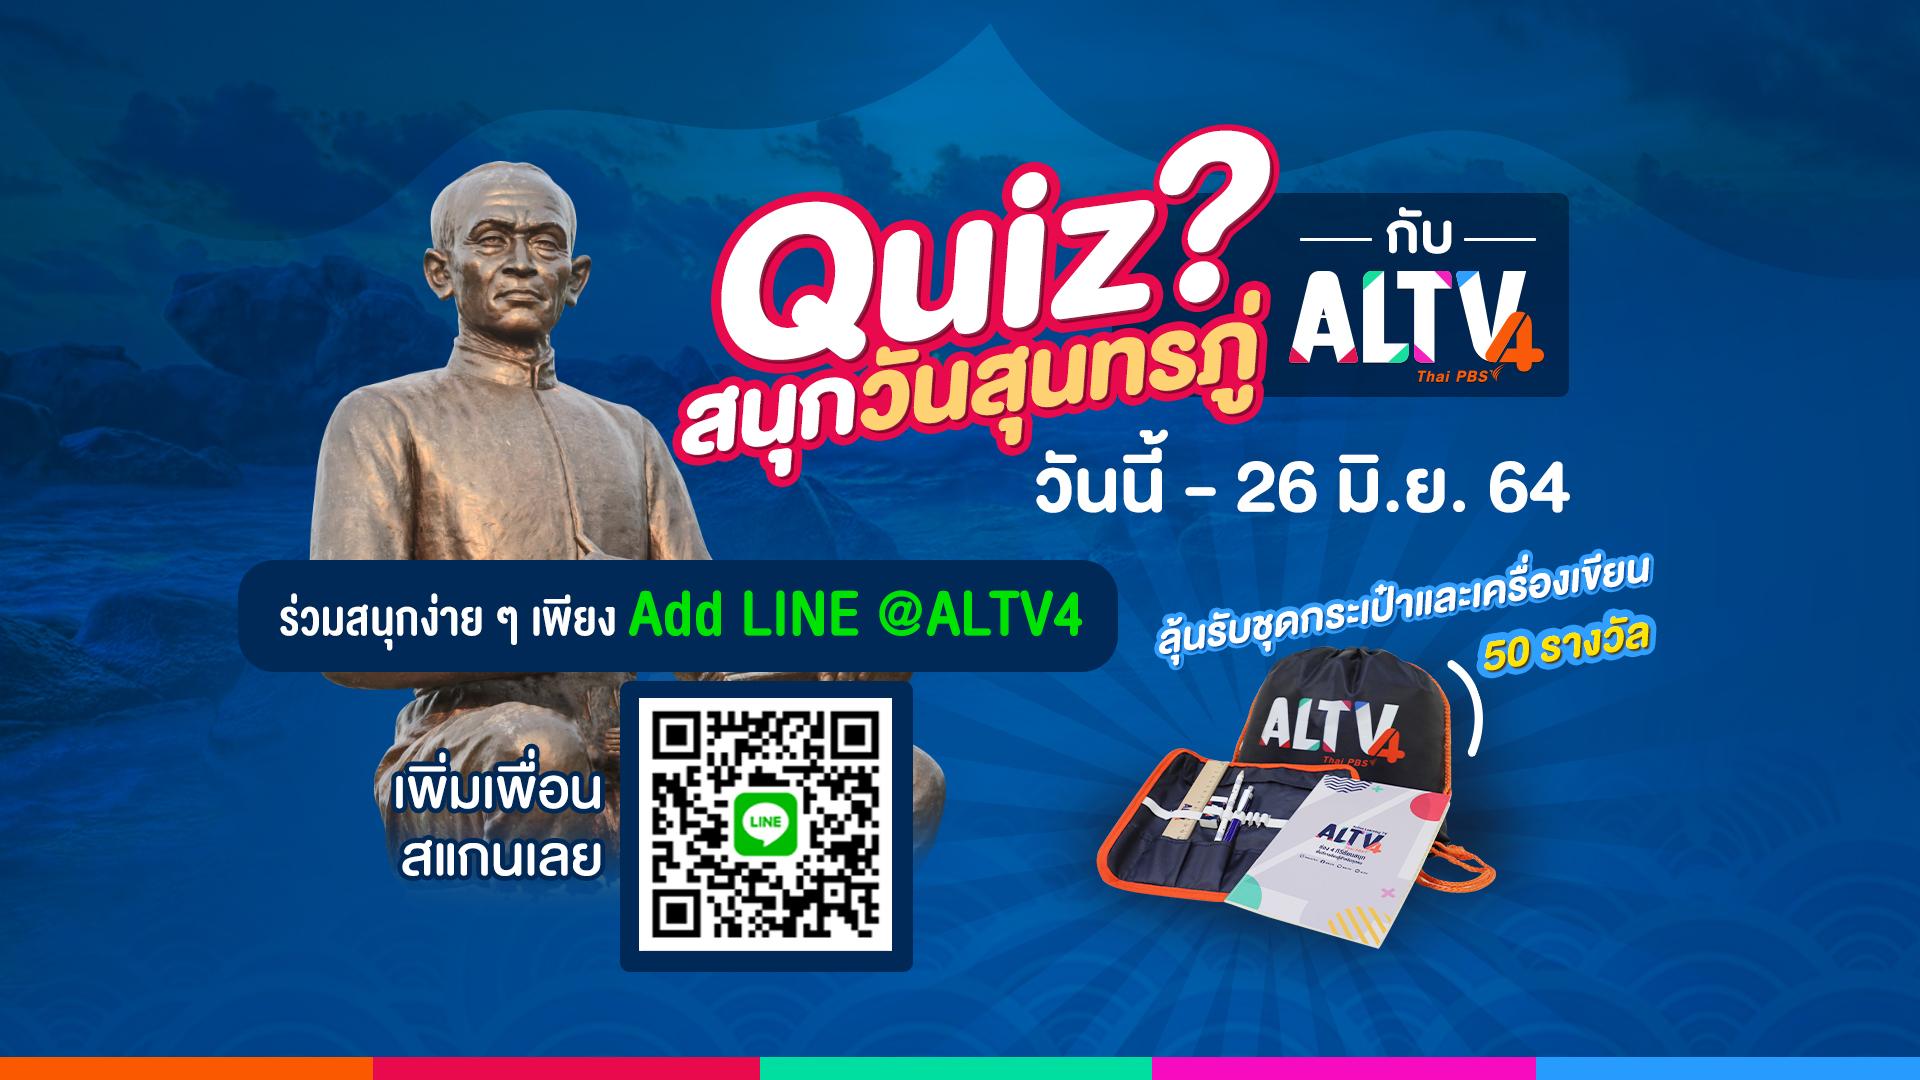 ร่วมสนุกกิจกรรม Quiz สนุกวันสุนทรภู่ 24 - 26 มิ.ย.นี้ ทาง LINE @ALTV4